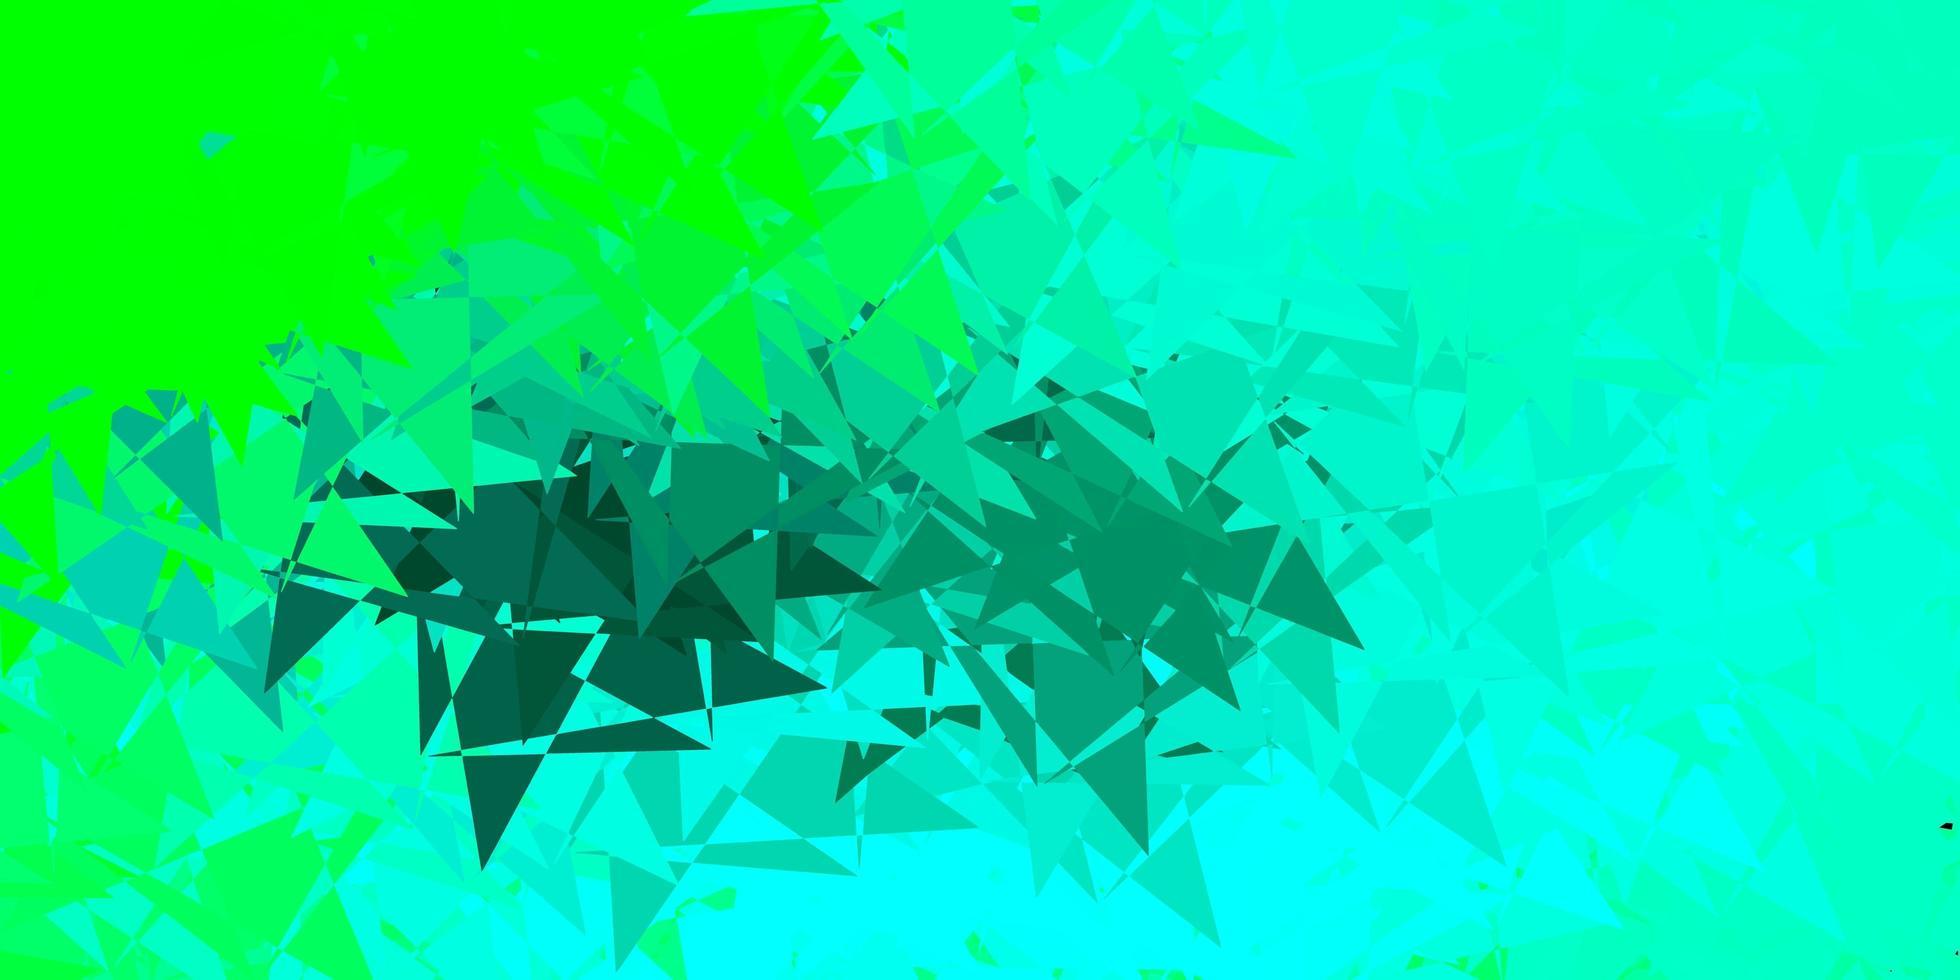 hellgrünes Vektormuster mit polygonalen Formen. vektor